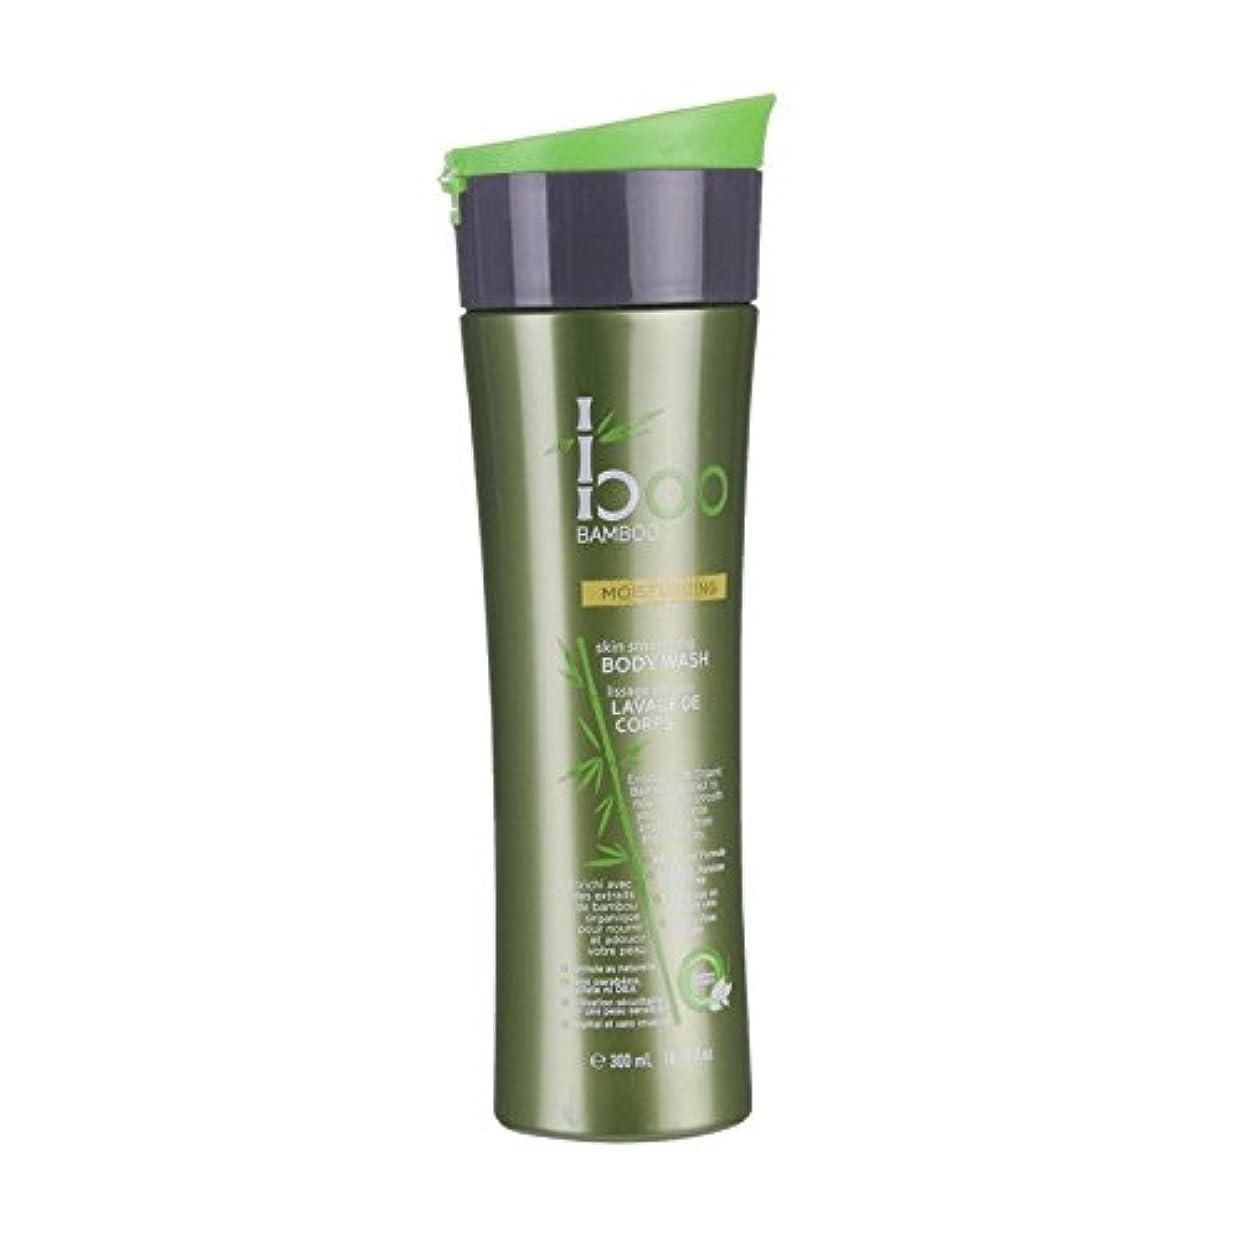 発火する帰する作りBoo Bamboo Moist Body Wash 300ml (Pack of 6) - 竹しっとりボディウォッシュ300ミリリットルブーイング (x6) [並行輸入品]